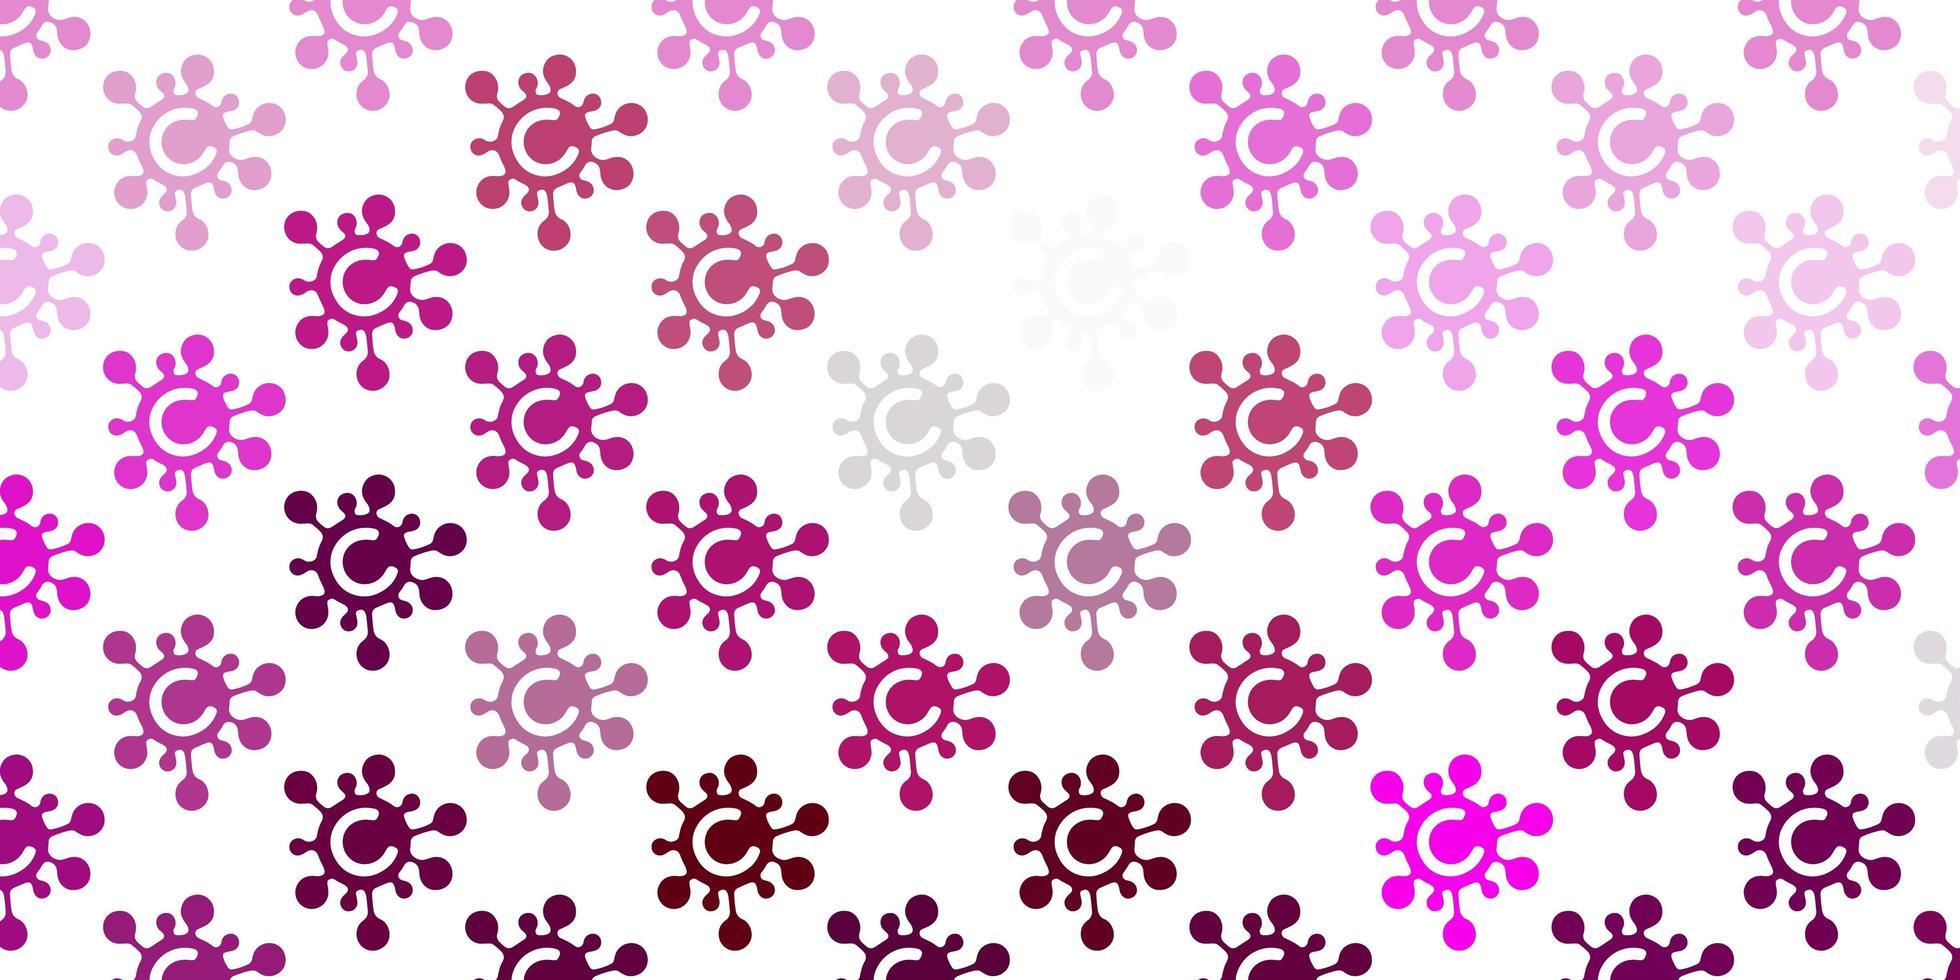 texture vecteur rose clair avec des symboles de la maladie.